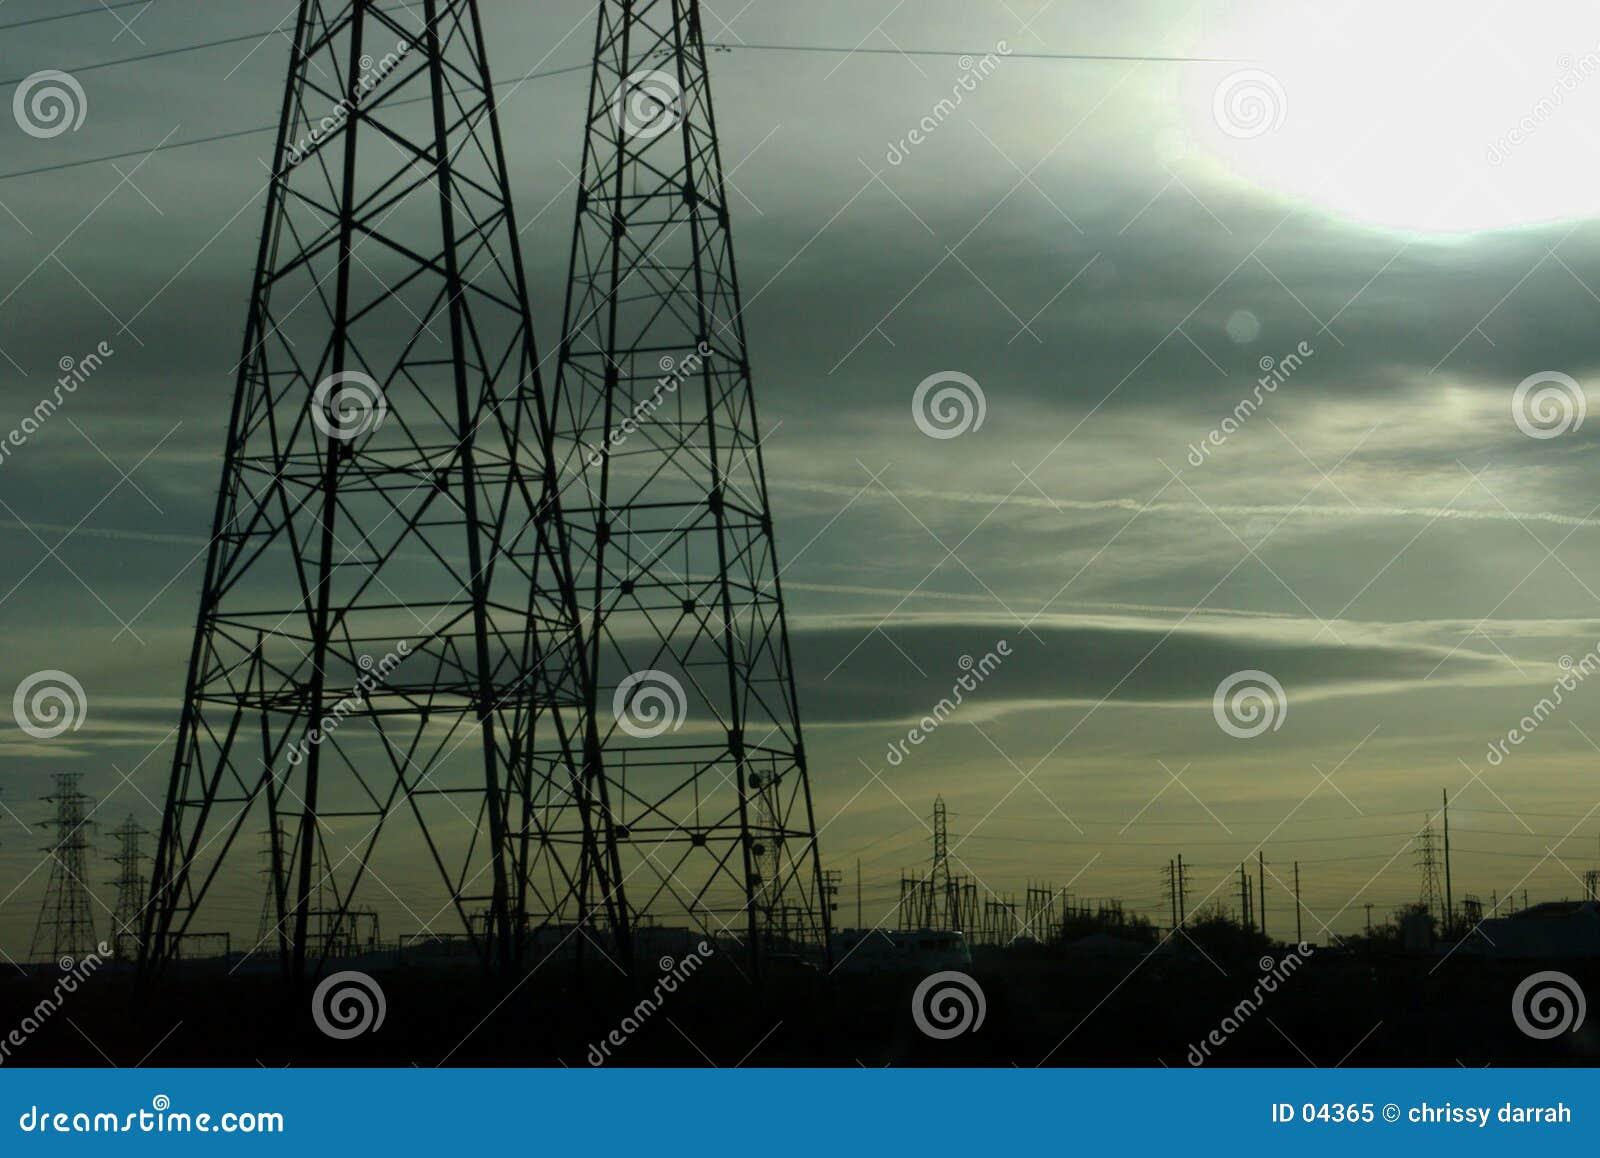 Crépuscule électrique